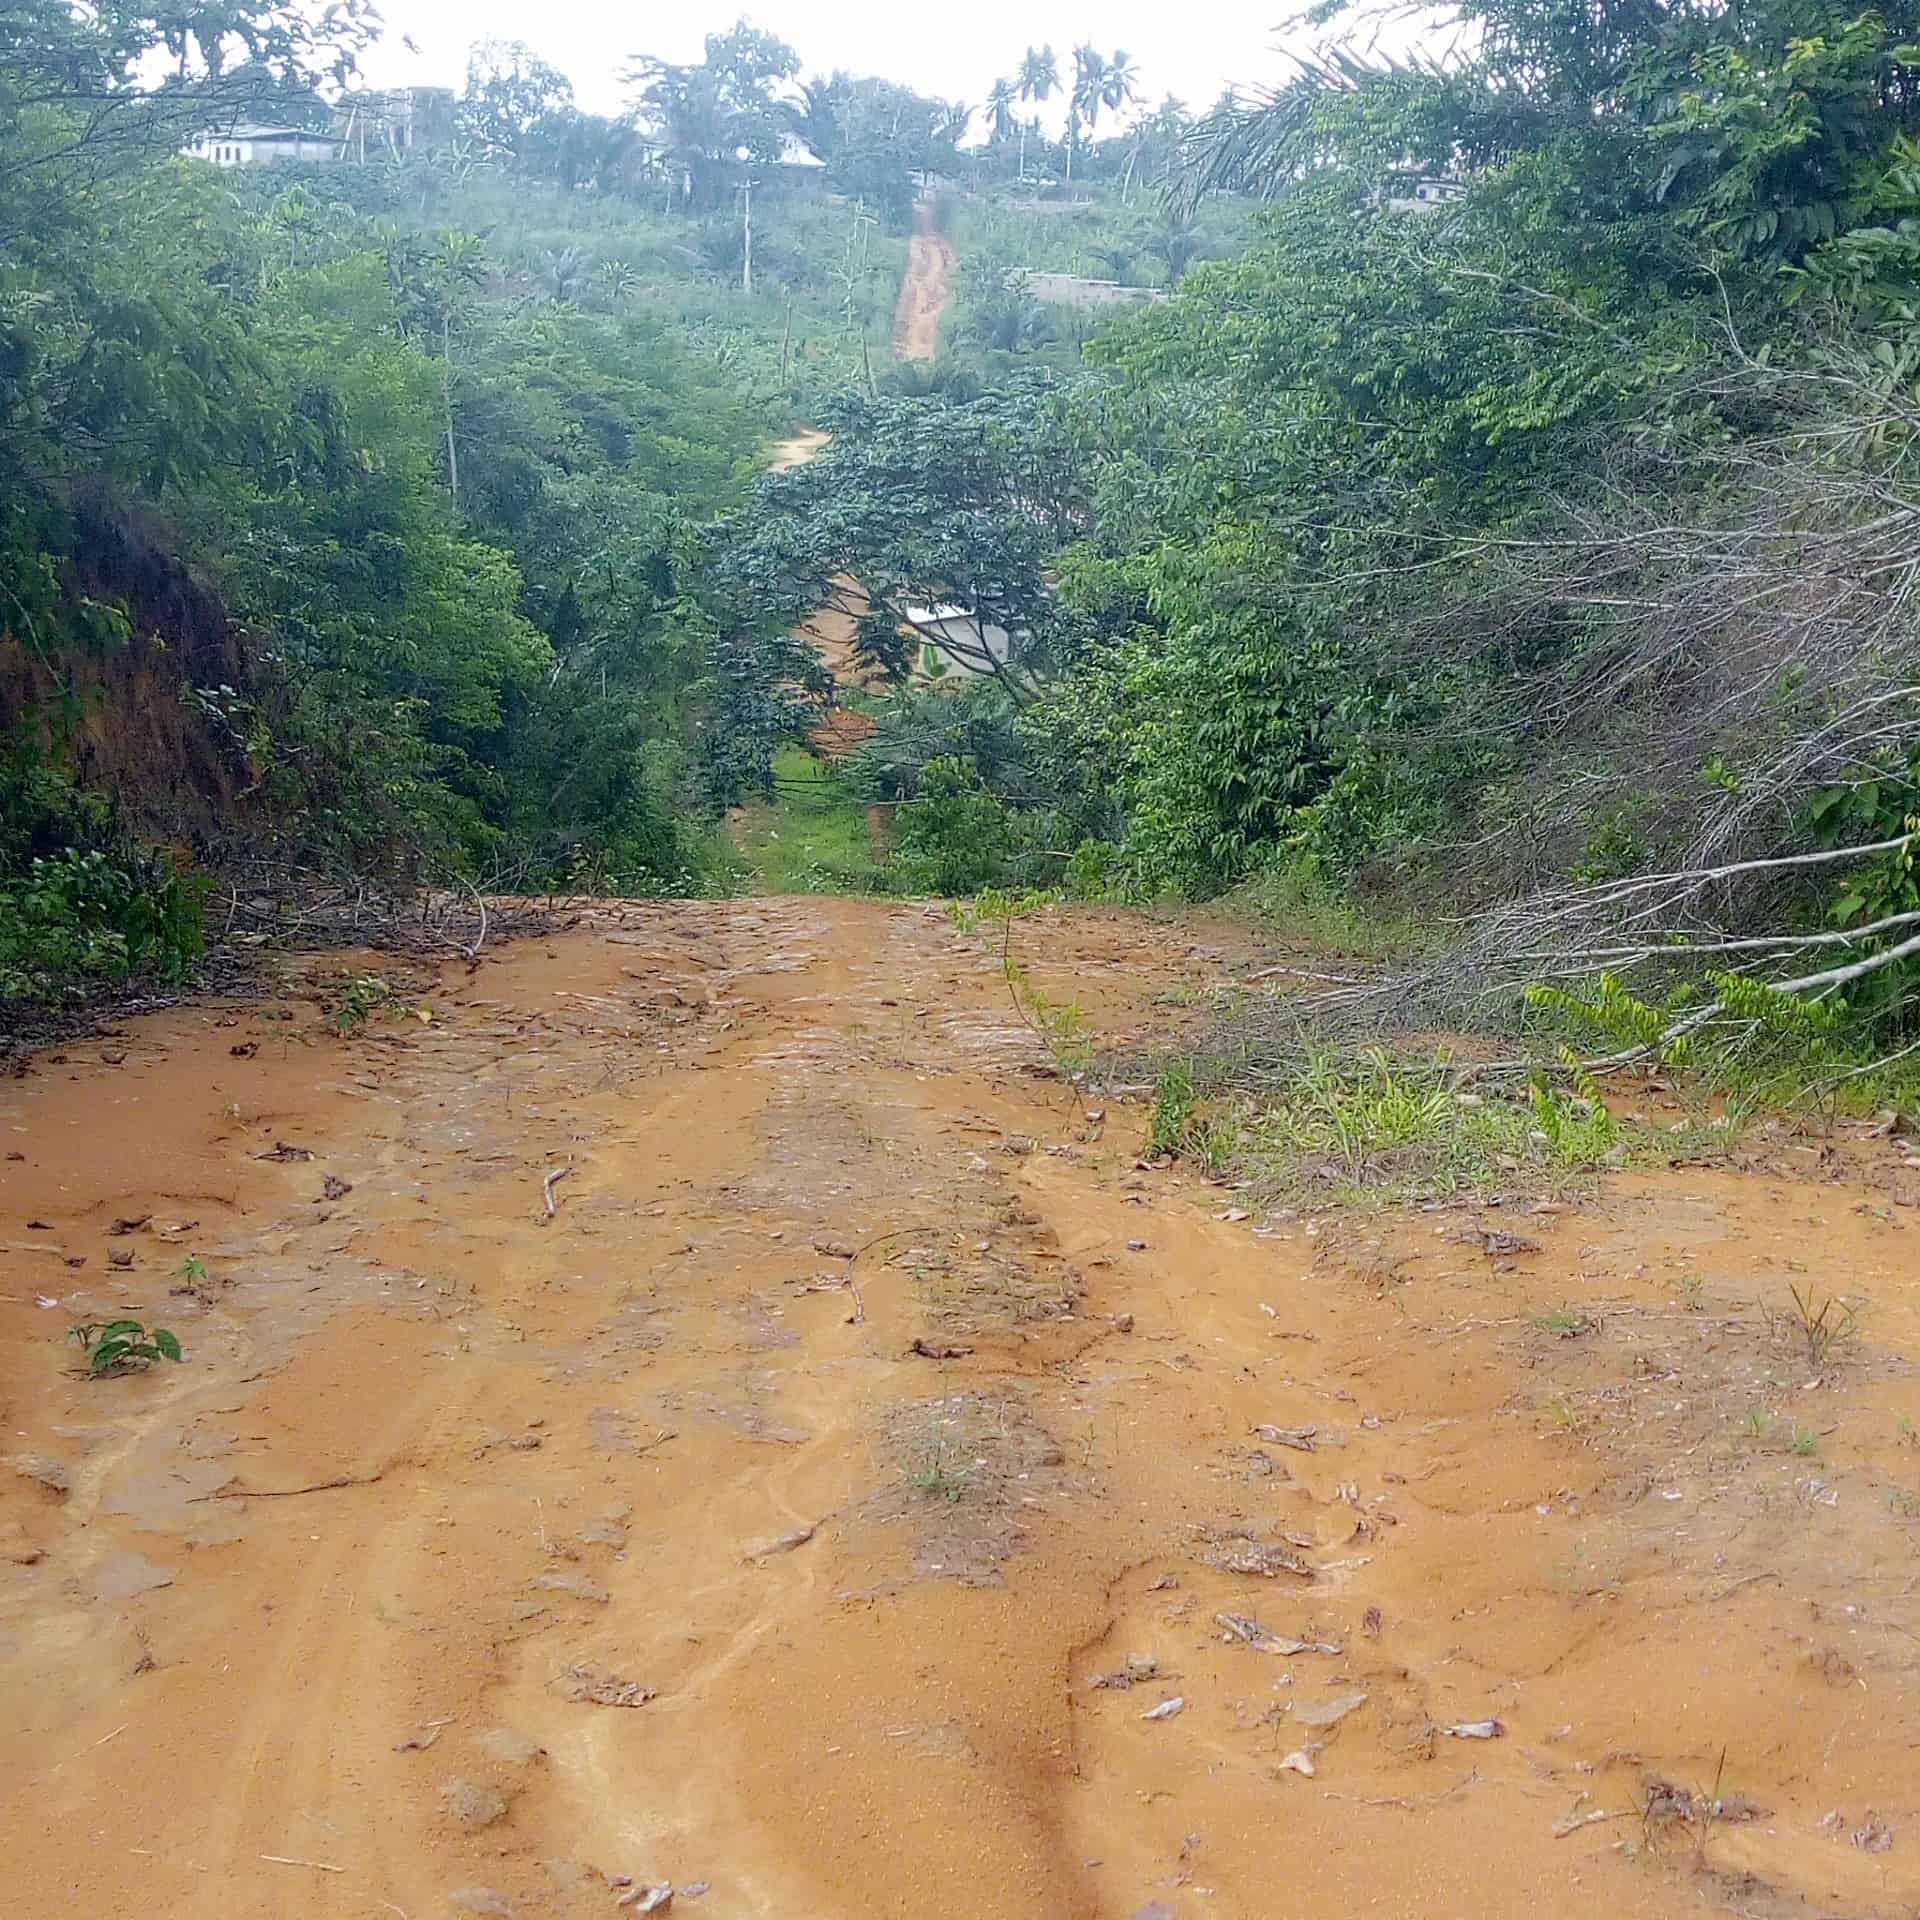 Land for sale at Douala, PK 21, Derrière l'église et à nkolbon - 2000 m2 - 7 000 000 FCFA